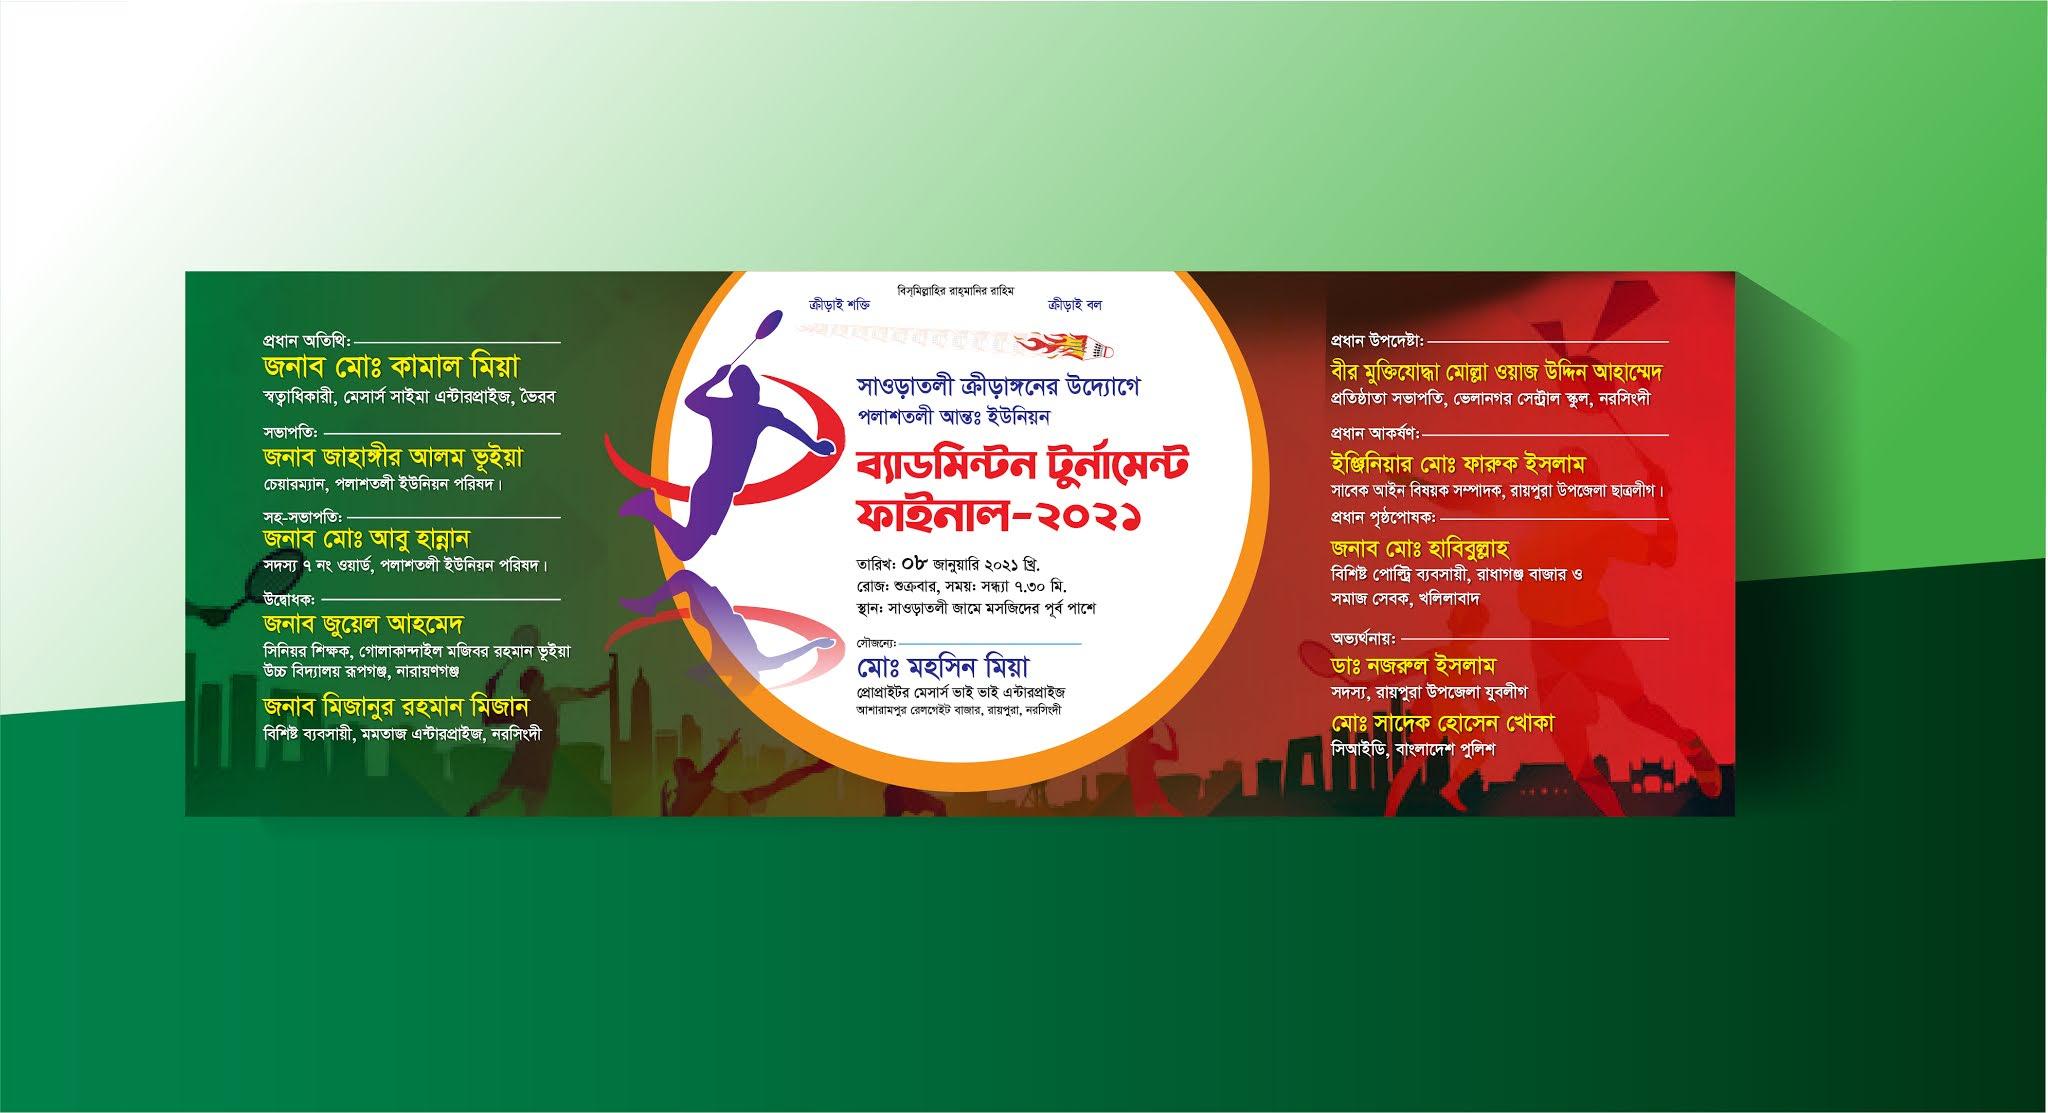 Badminton_Bannar_ Design । ব্যাডমিন্টন  খেলার ব্যানার ডিজাইন